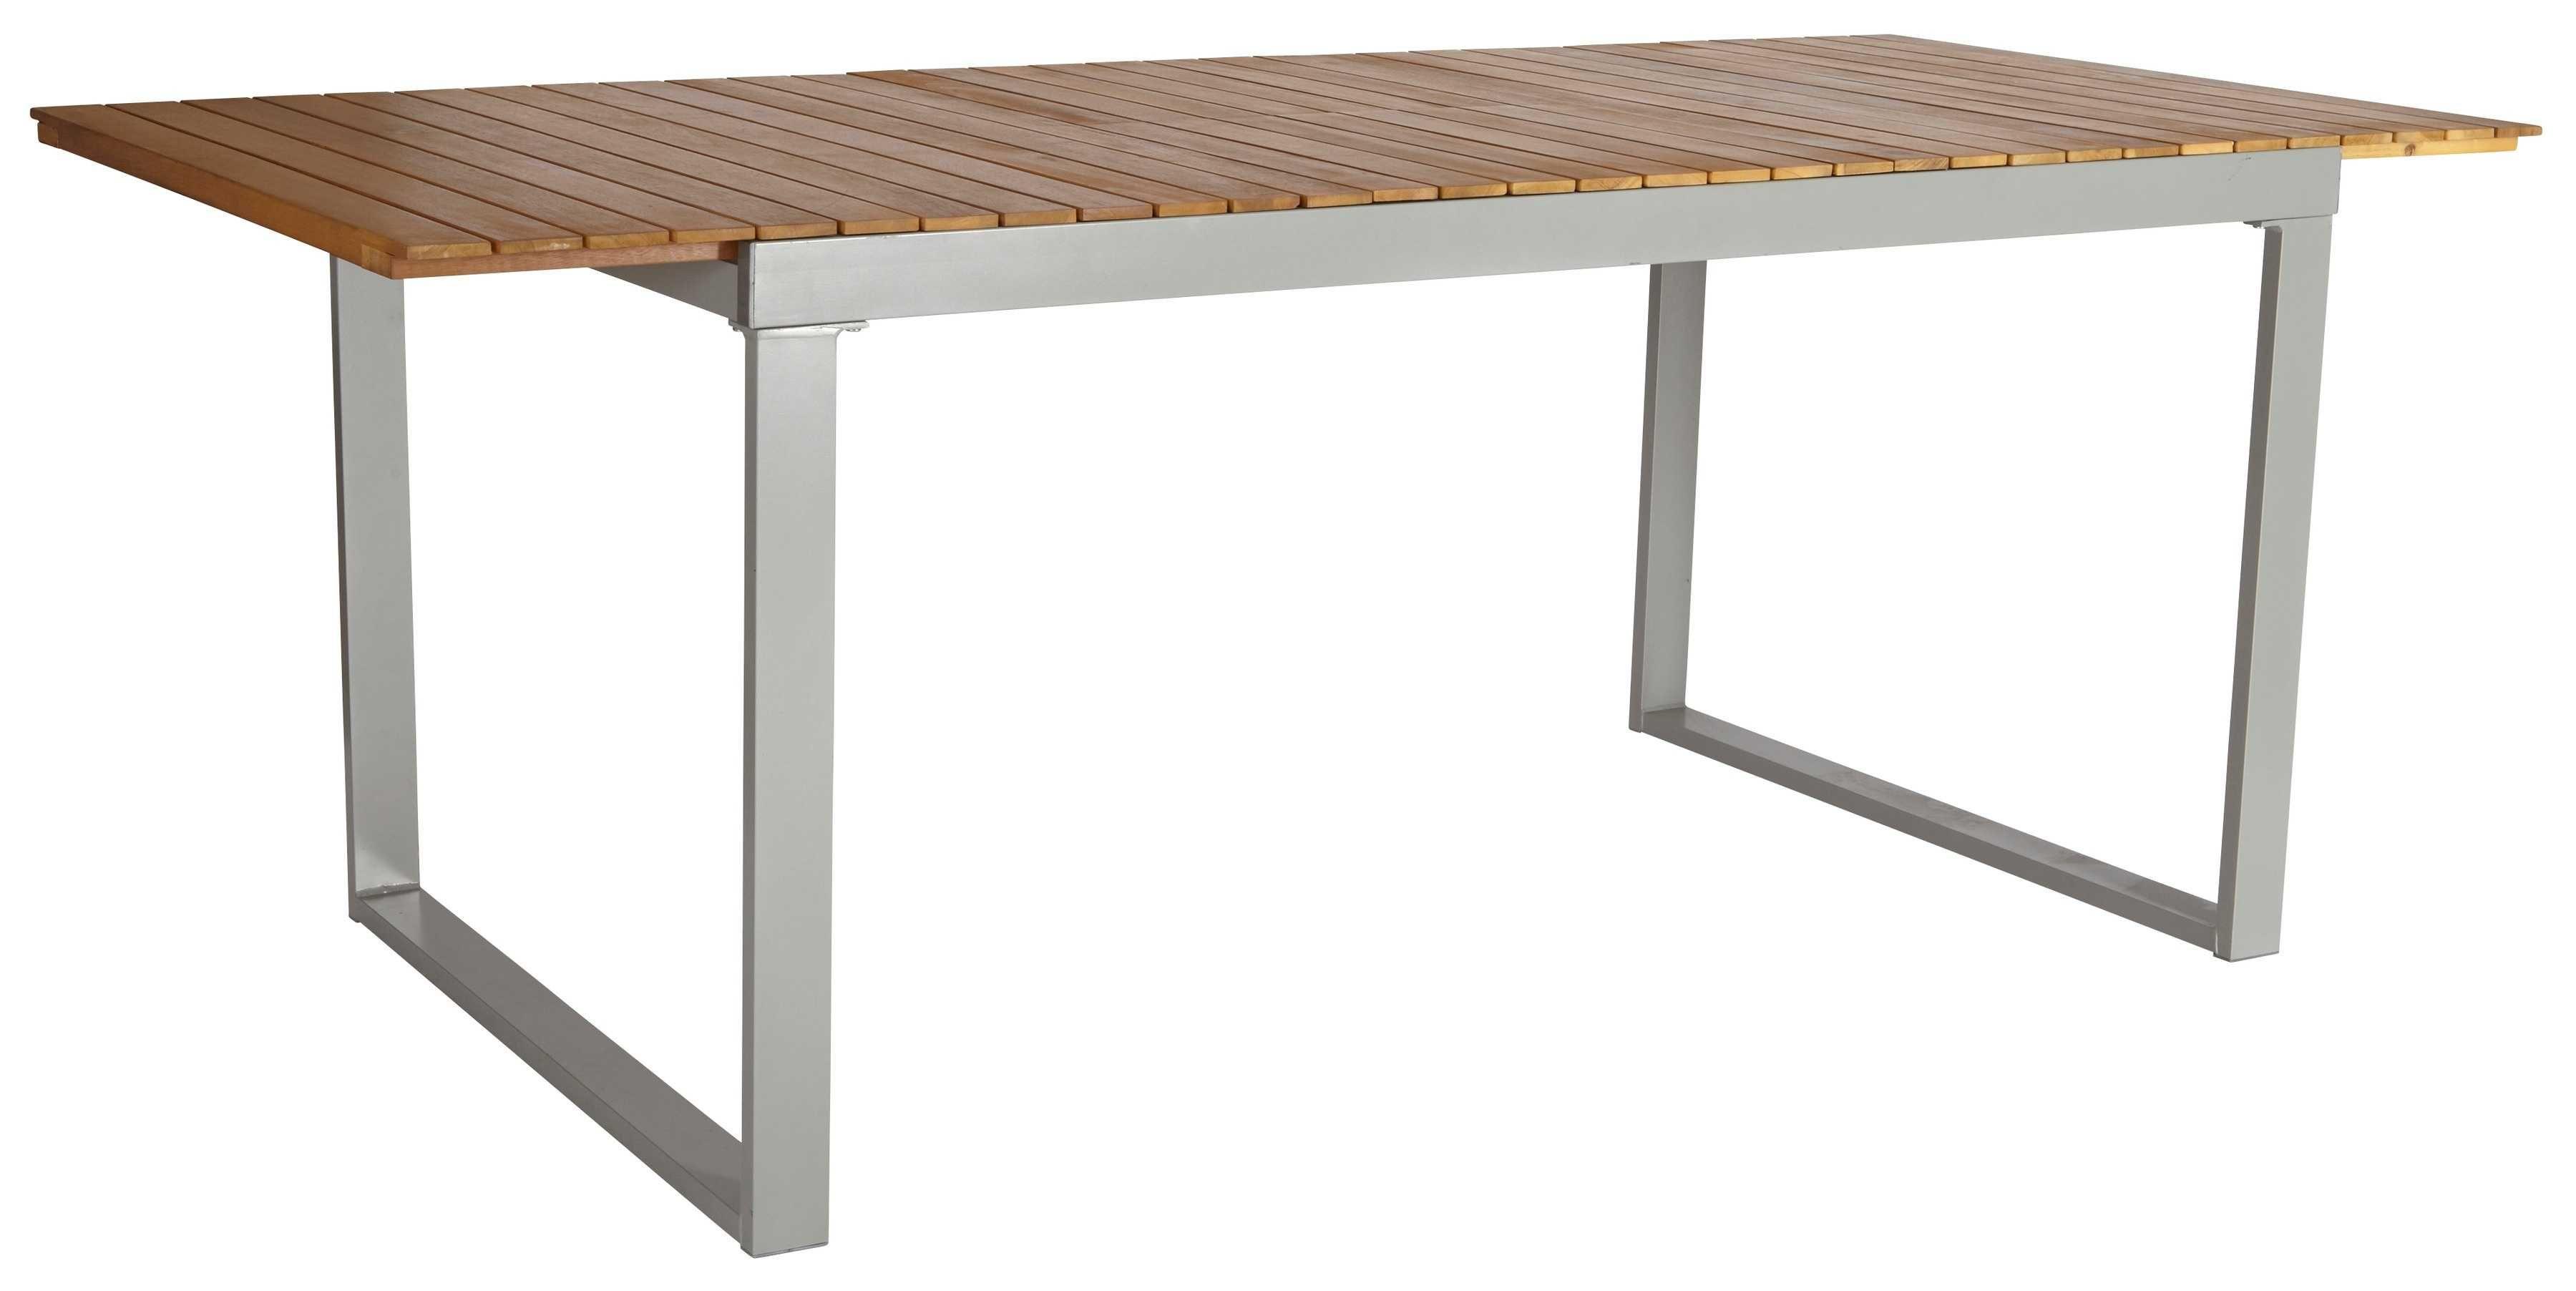 Merxx Gartentisch Monaco Alu Akazienholz Ausziehbar 200x90 Cm Braun Hagebau De Gartentisch Tisch Lange Tafel